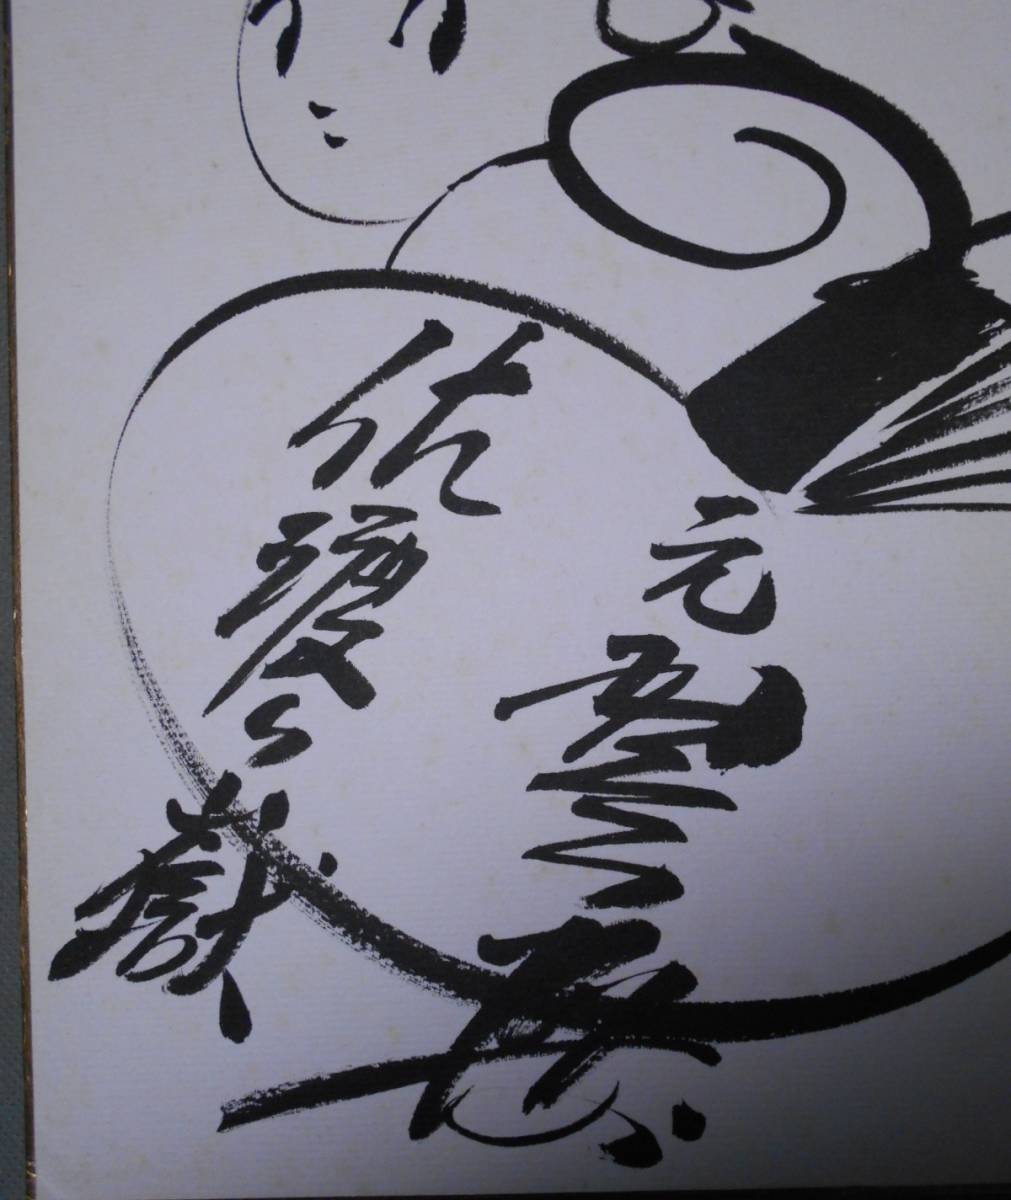 横綱琴桜 肉筆マンガ絵 サイン 印 珍品_画像4